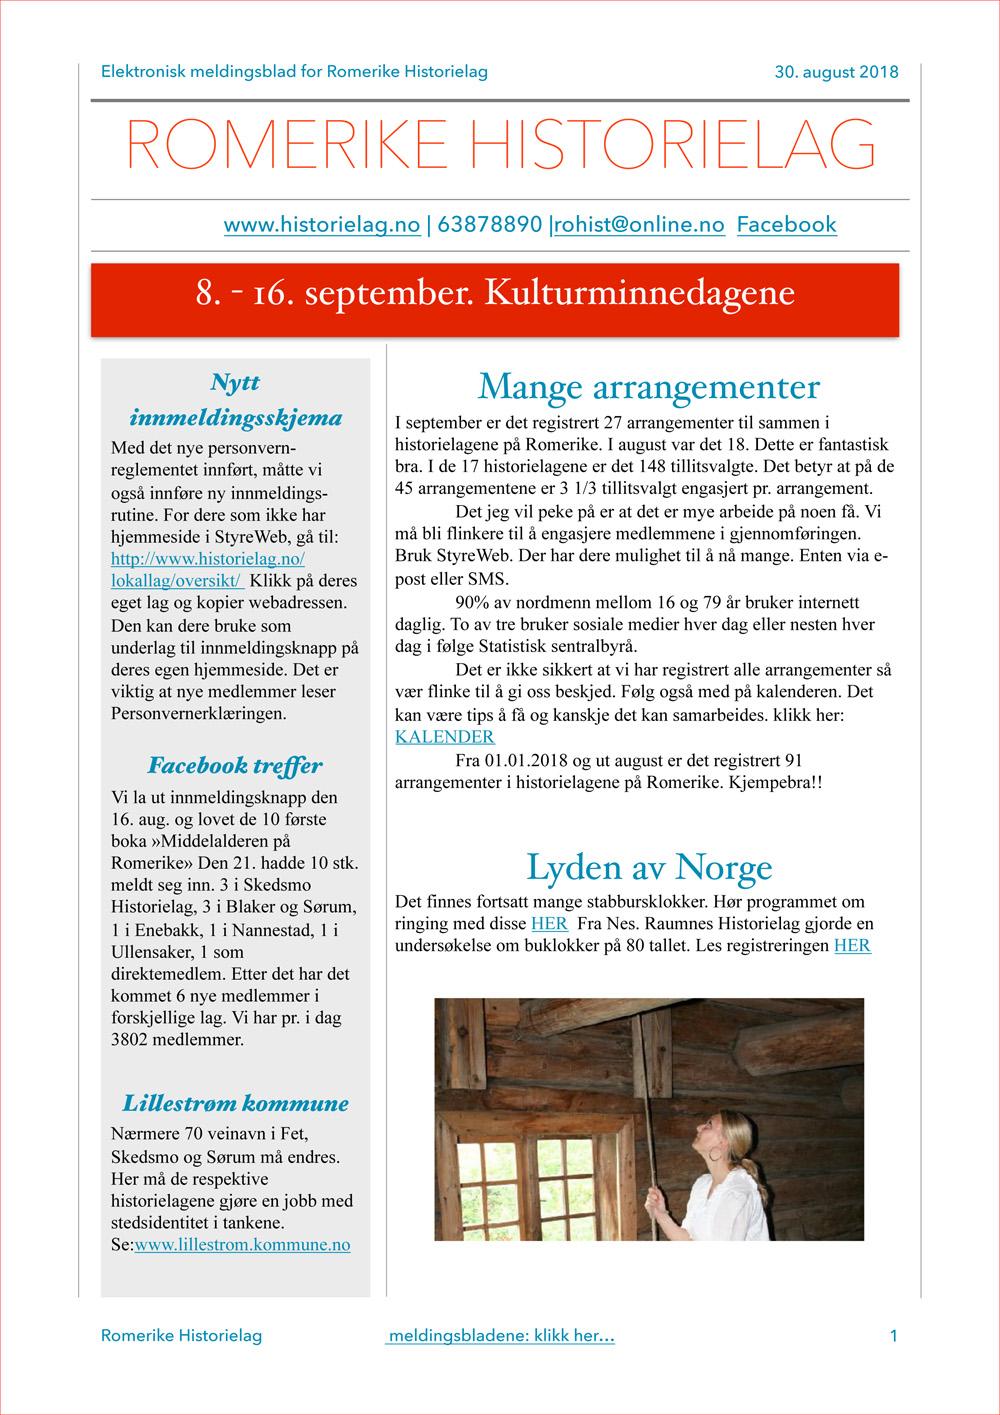 2018-08-meldingsblad.jpg